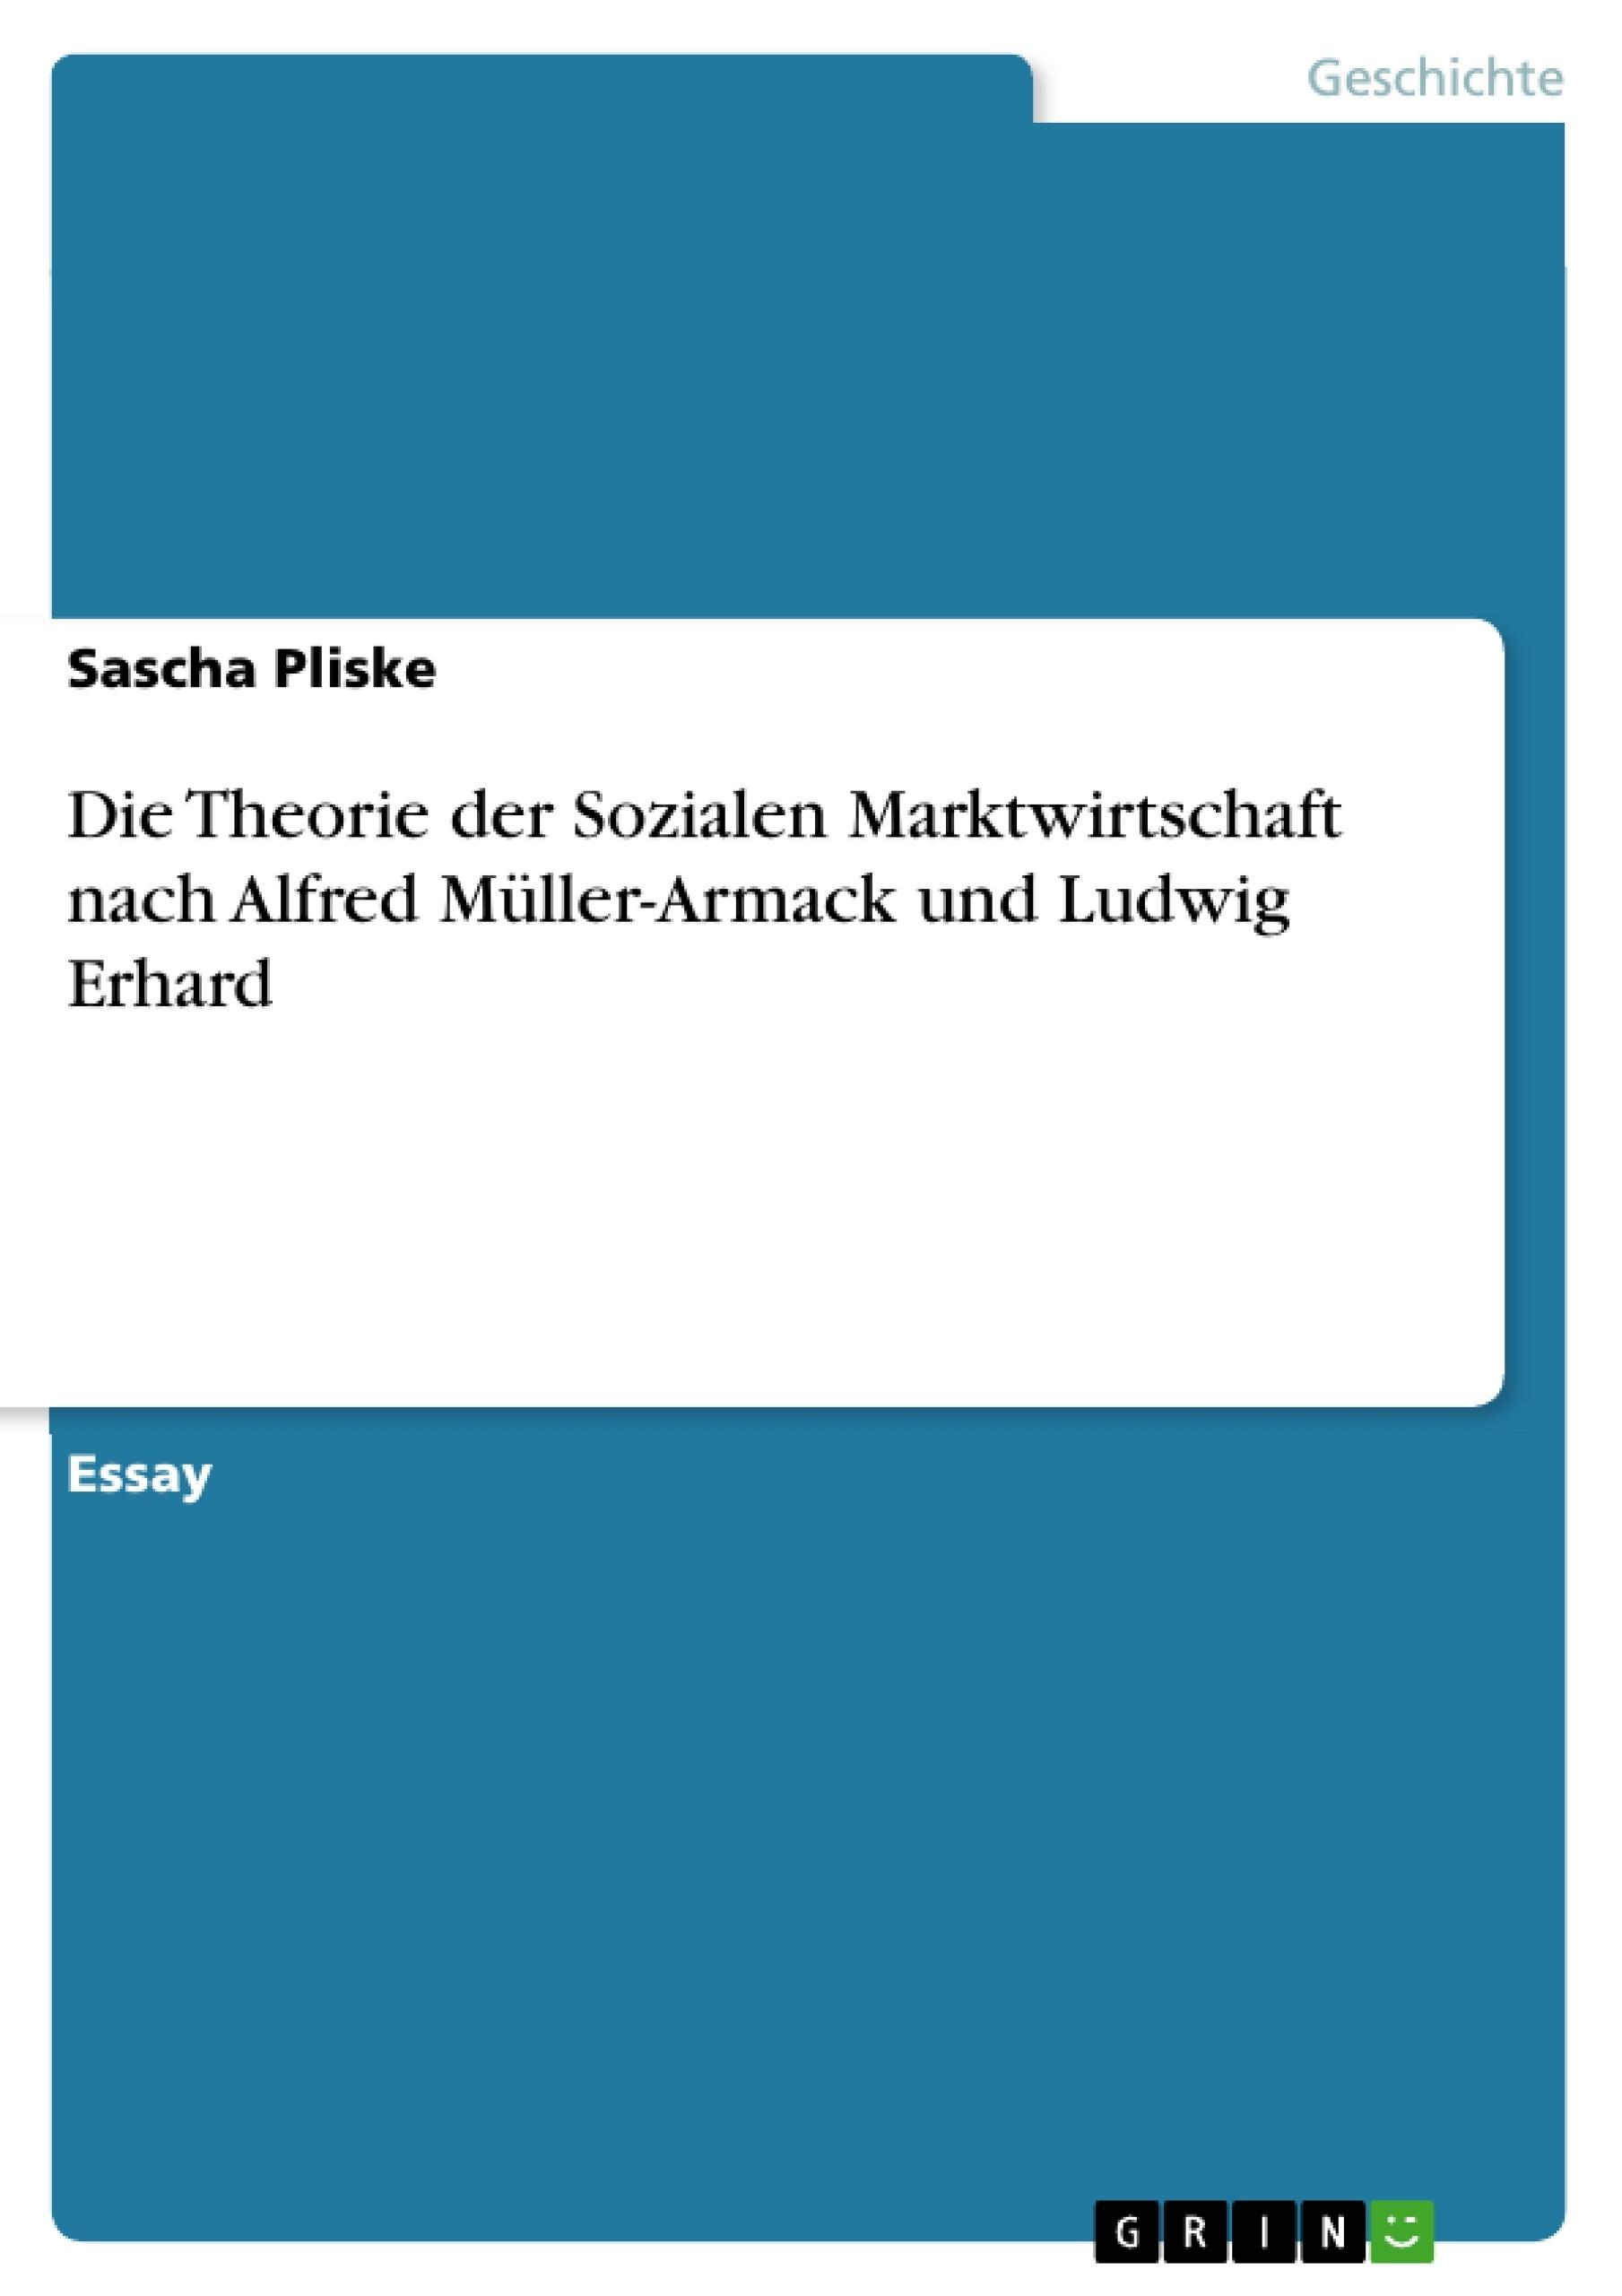 Titel: Die Theorie der Sozialen Marktwirtschaft nach Alfred Müller-Armack und Ludwig Erhard